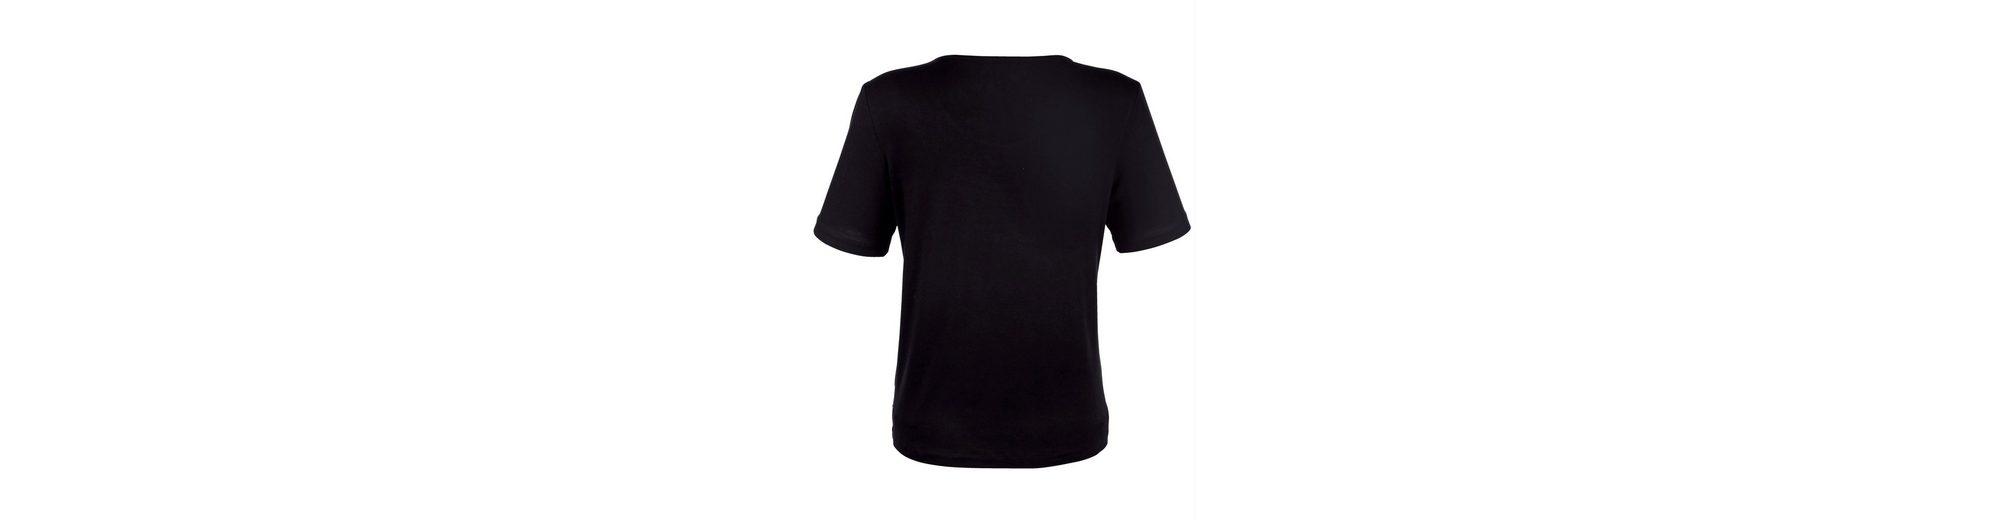 Shirt Ziersteinen Shirt Paola mit mit Paola Y57xxRw